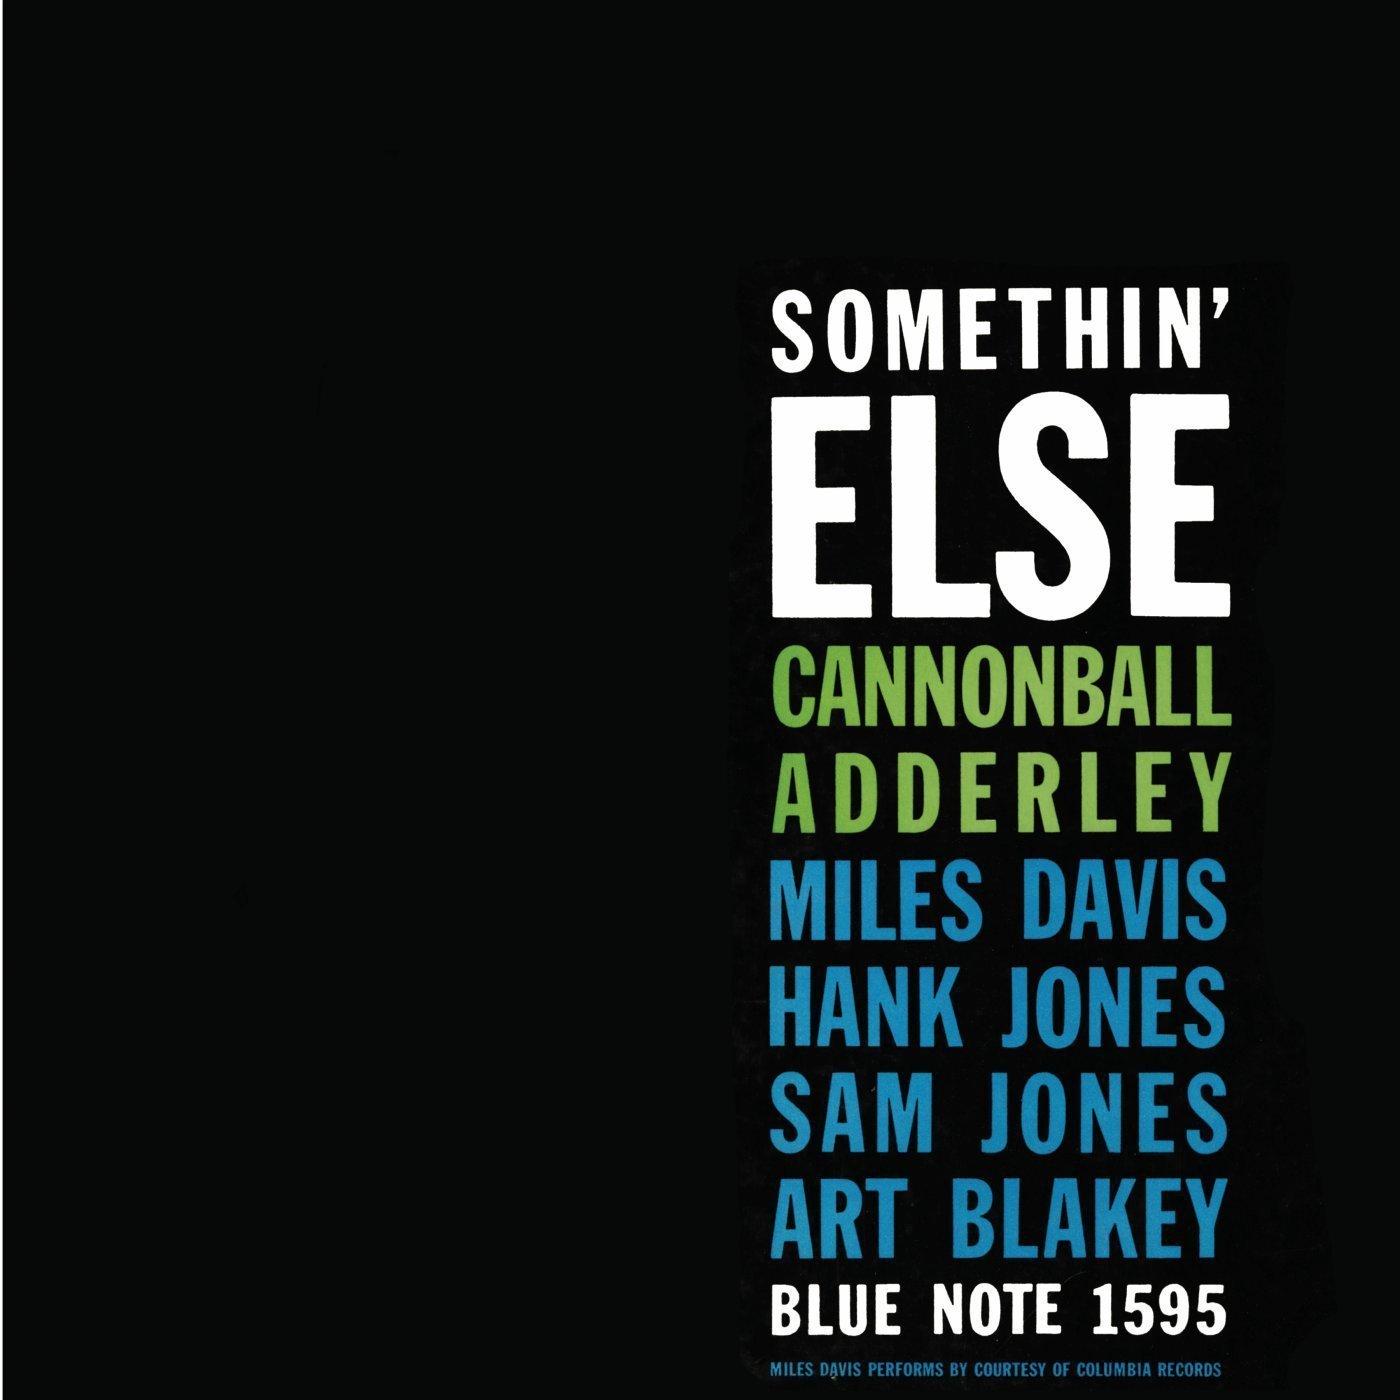 Tímpano: Cannonball Adderley e Miles Davis: a parceria que gravou alguns dos mais belos discos da história do jazz